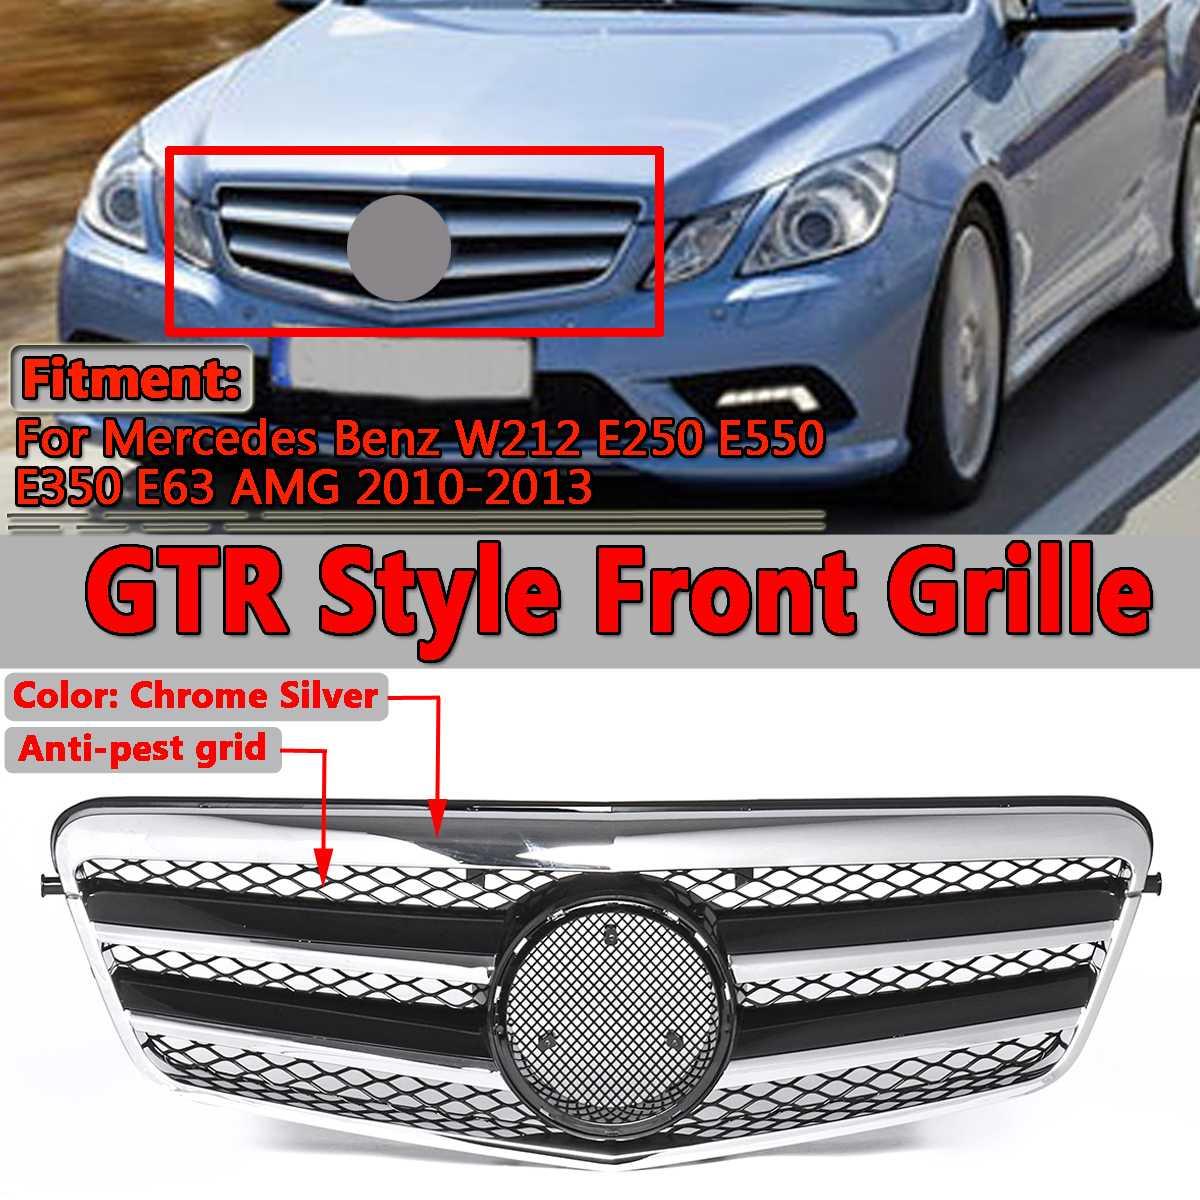 1x Nouveau Pour AMG Style De Voiture Pare-chocs Avant Grill Grille Pour Mercedes Pour Benz W212 E250 E550 E350 E63 Pour AMG 2010-2013 Grilles De Course